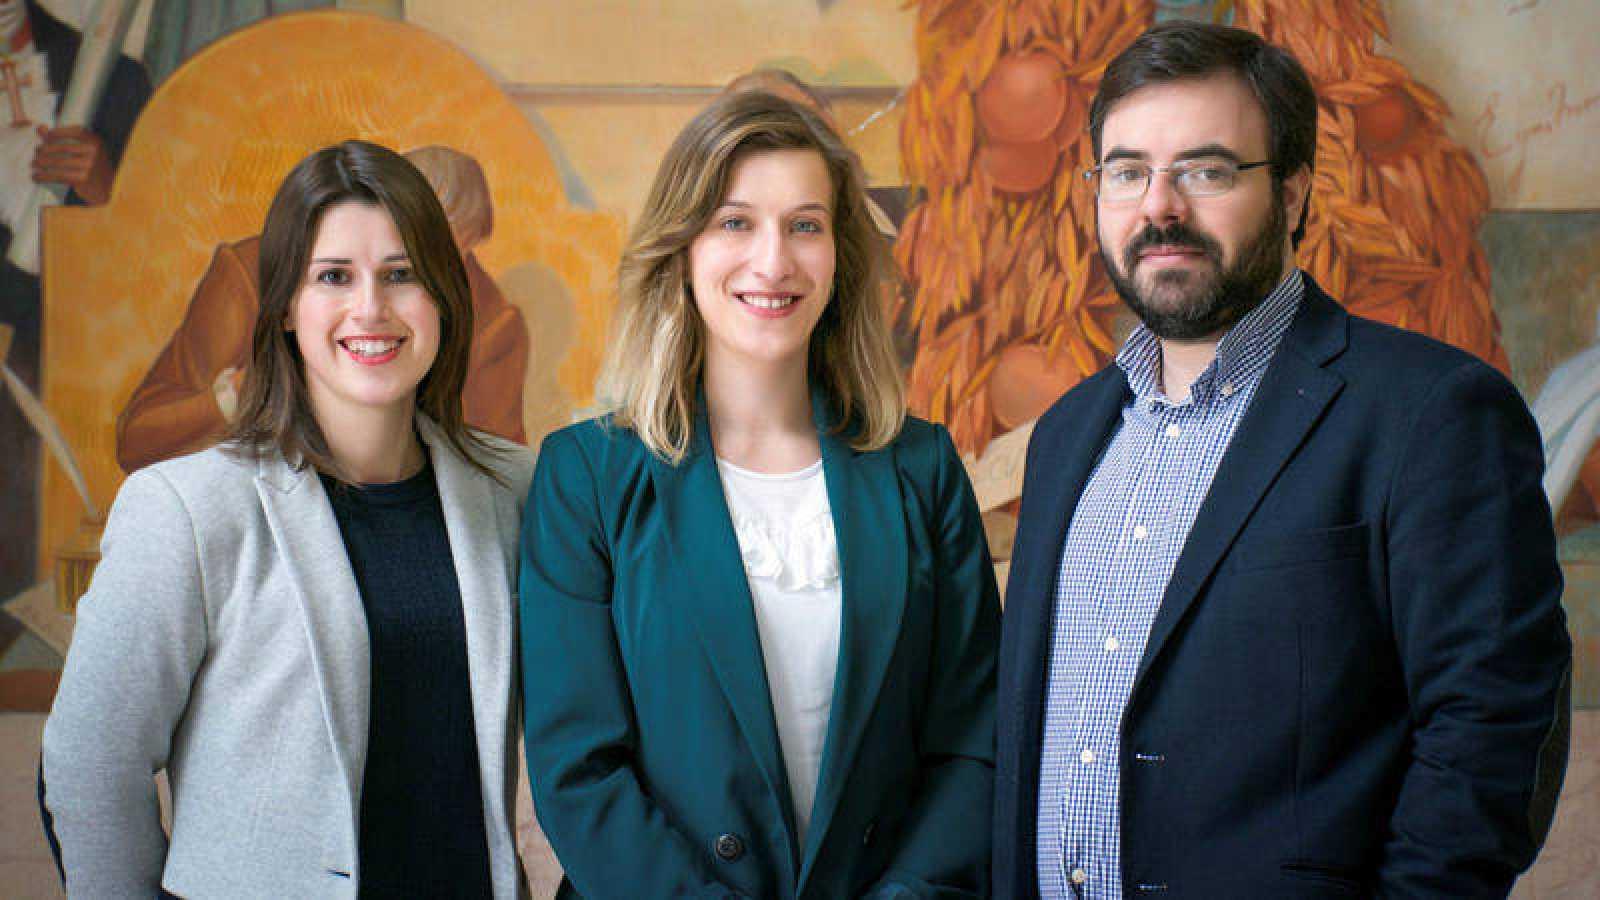 Los científicos de la Universidad de Coimbra que crearán minicerebros para estudiar el autismo